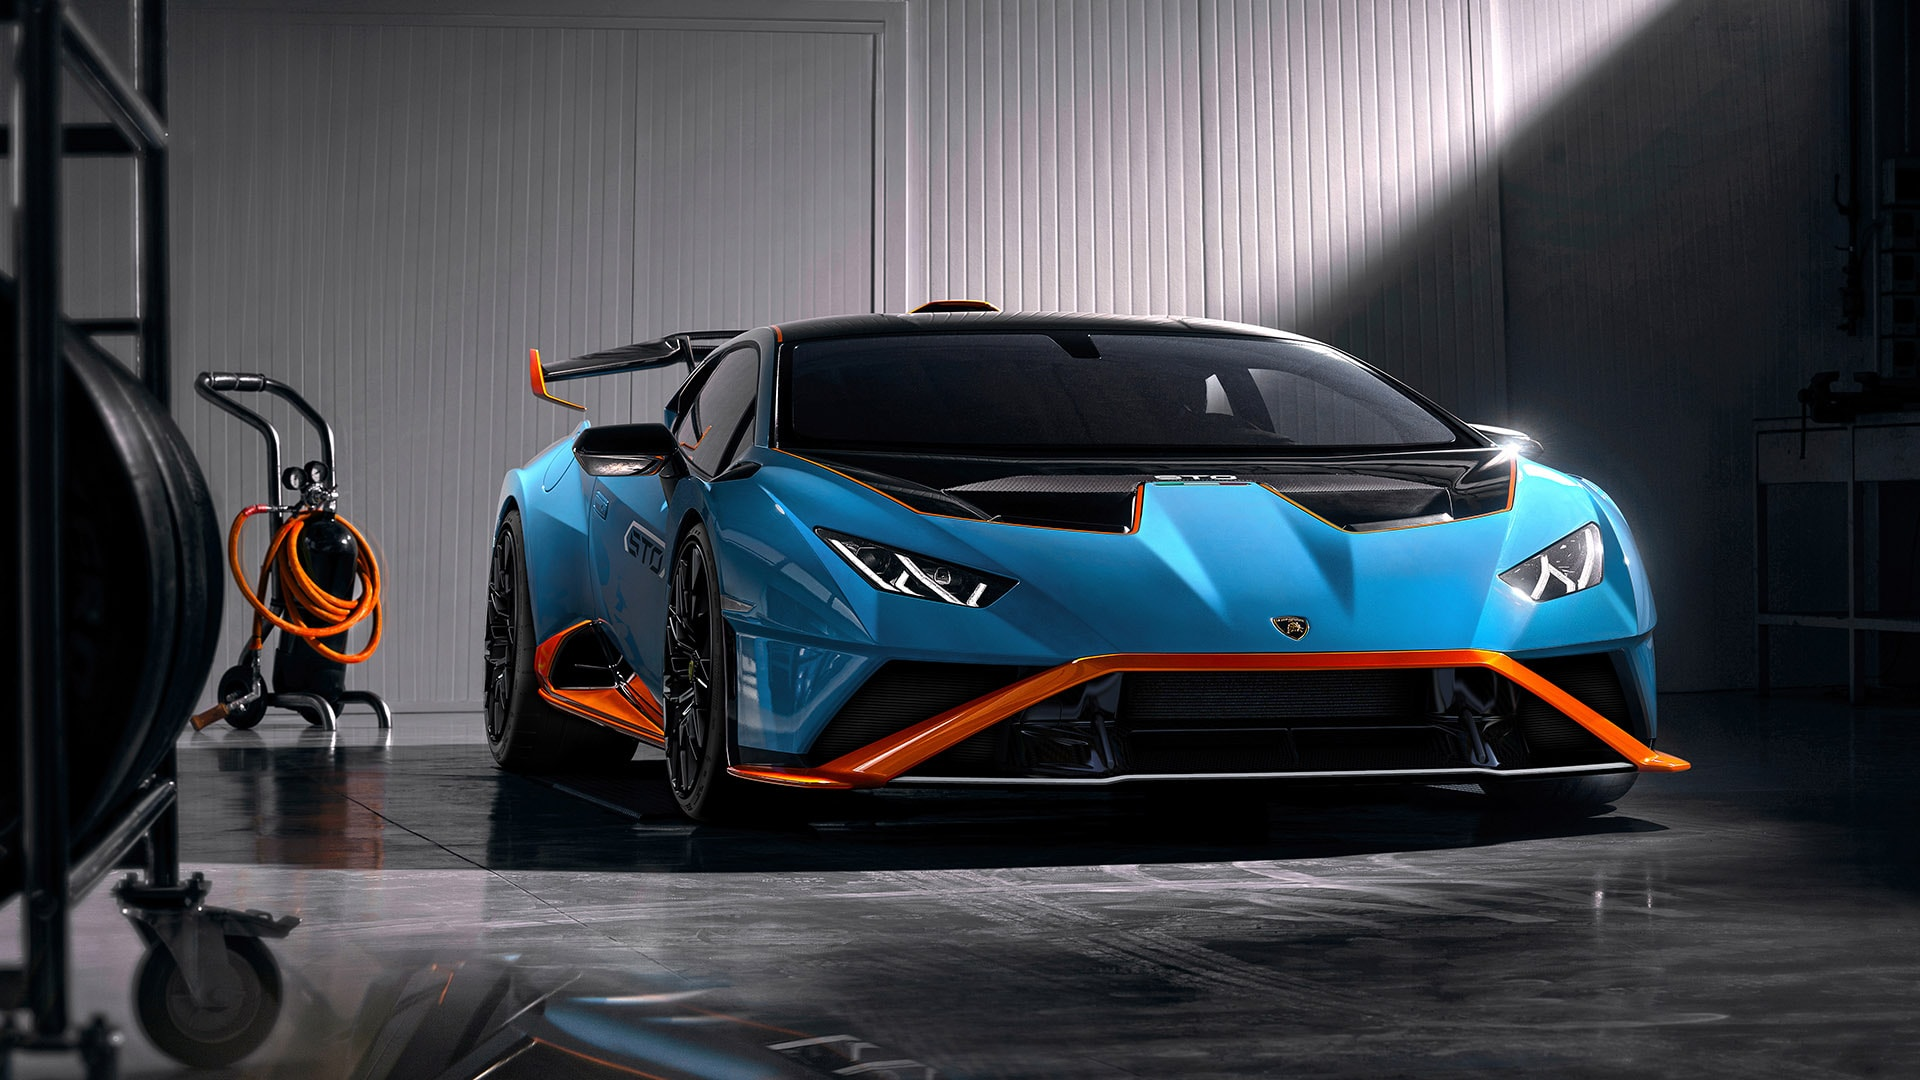 スーパーカー特集|Lamborghini Huracan(ランボルギーニ ウラカンSTO)